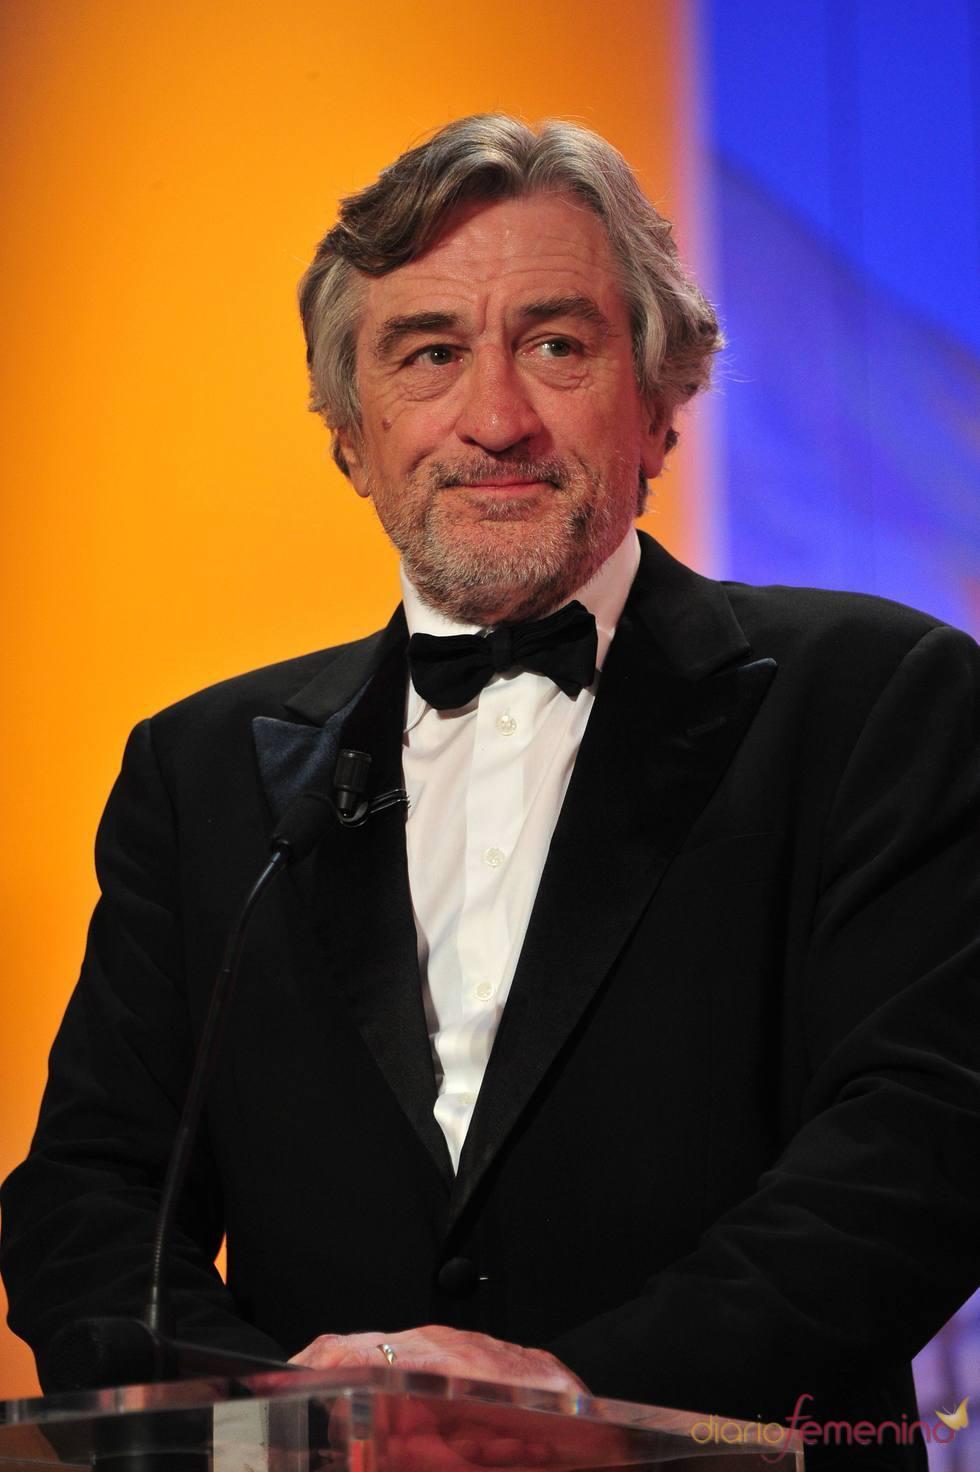 Robert de Niro en la ceremonia de Clausura de Cannes 2011